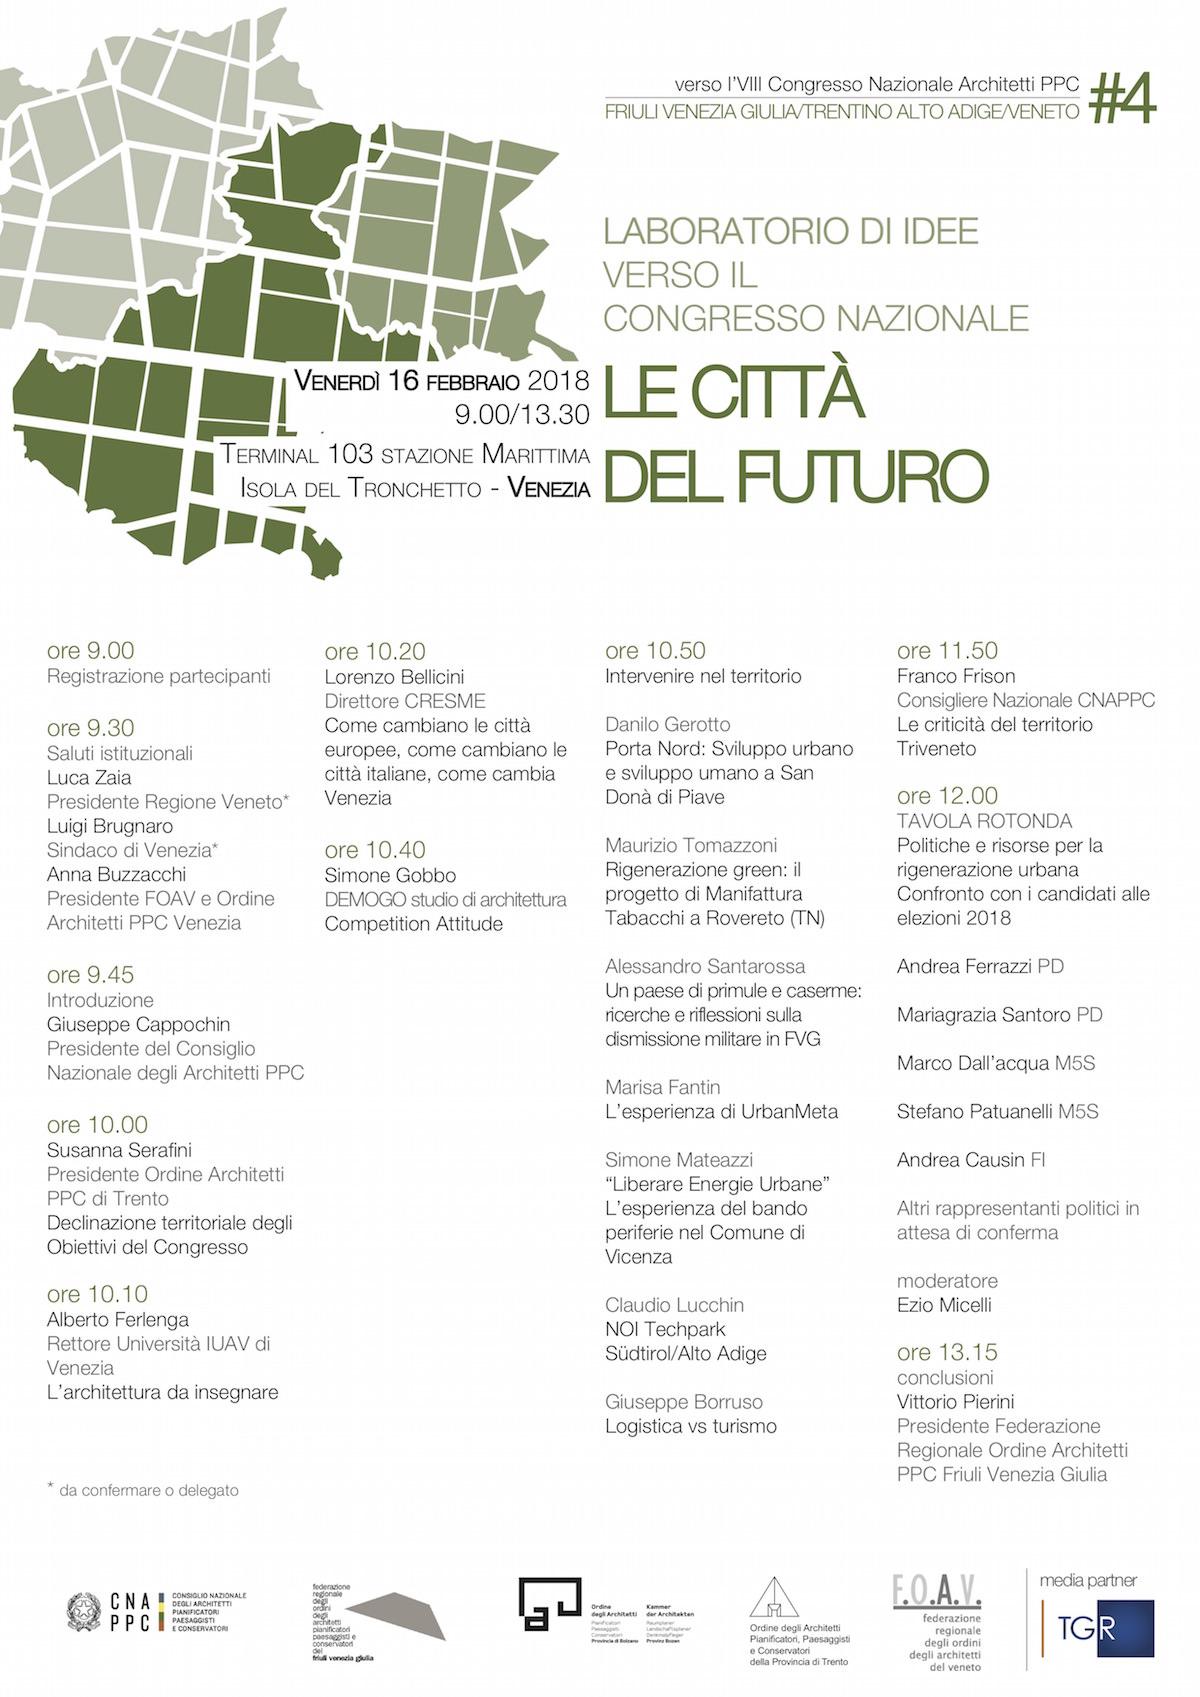 Le città del futuro Venezia